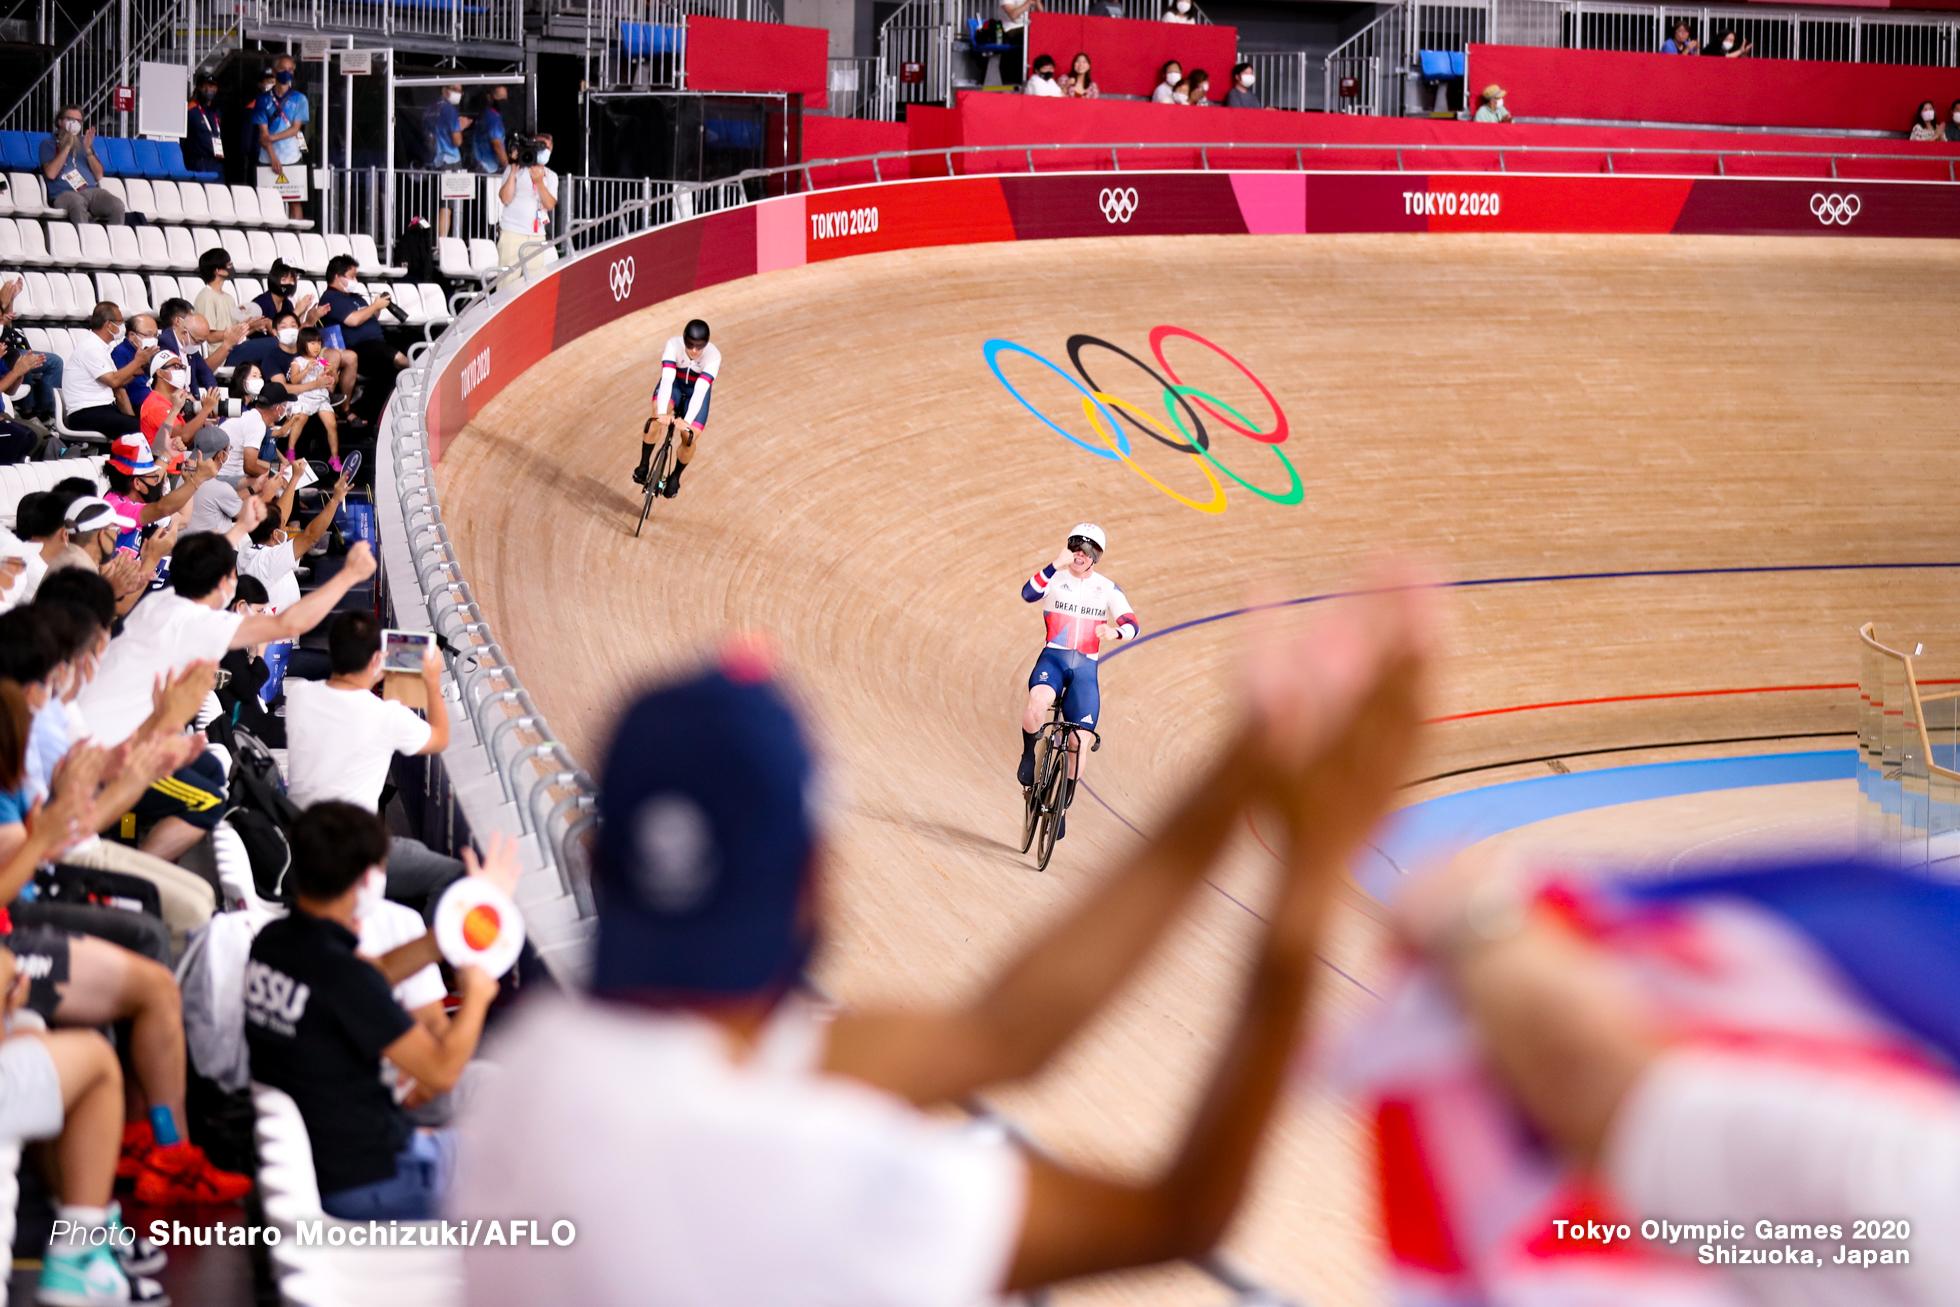 ジャック・カーリン Jack Carlin (GBR), デニス・ドミトリエフ Denis Dmitriev (ROC), Men's Sprint Final for BronzeAUGUST 6, 2021 - Cycling : during the Tokyo 2020 Olympic Games at the Izu Velodrome in Shizuoka, Japan. (Photo by Shutaro Mochizuki/AFLO)